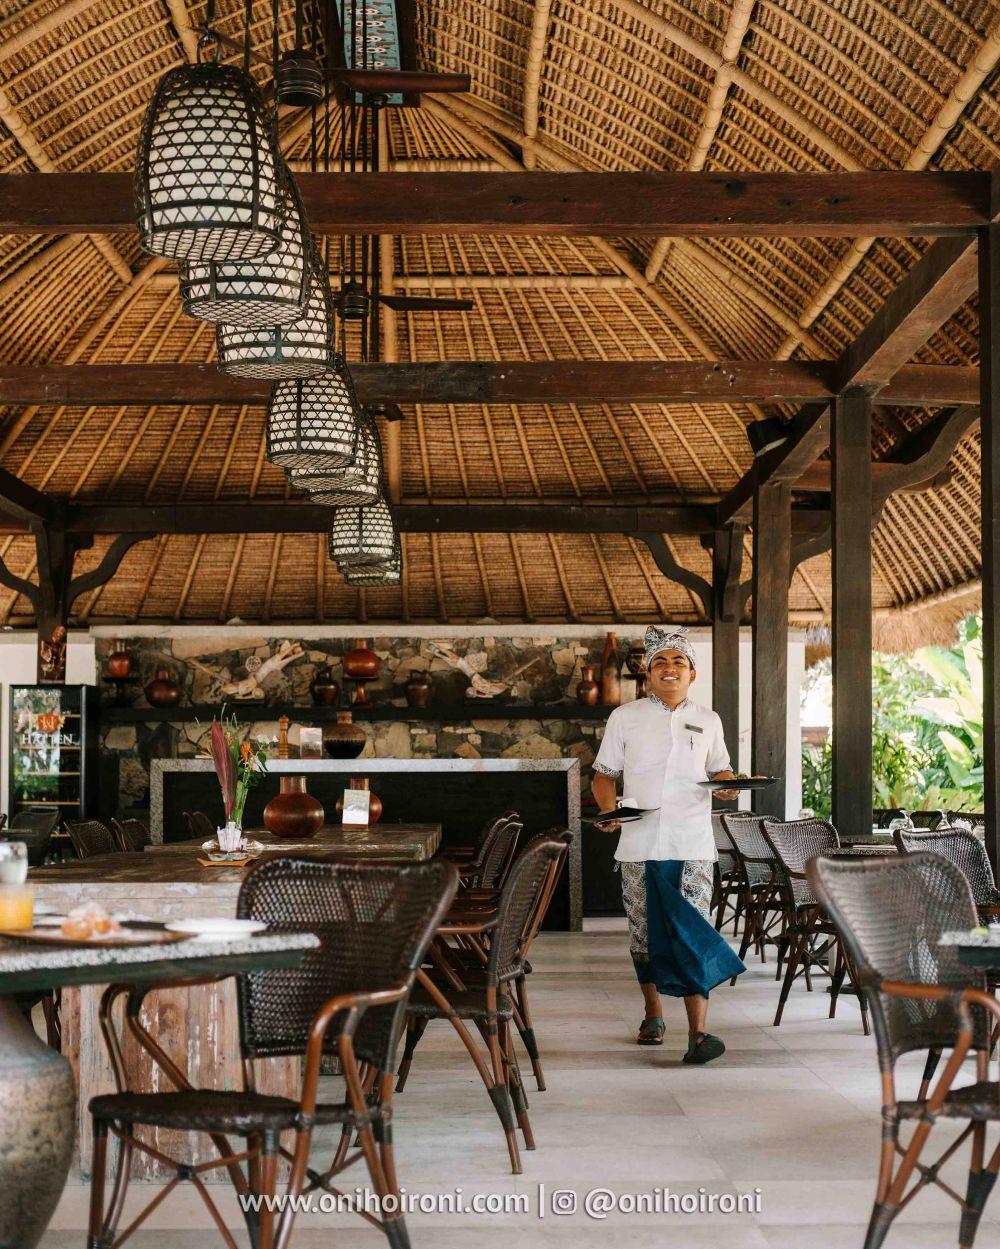 olah-olah resto 2 room Sudamala Suites & Villas Senggigi, Lombok